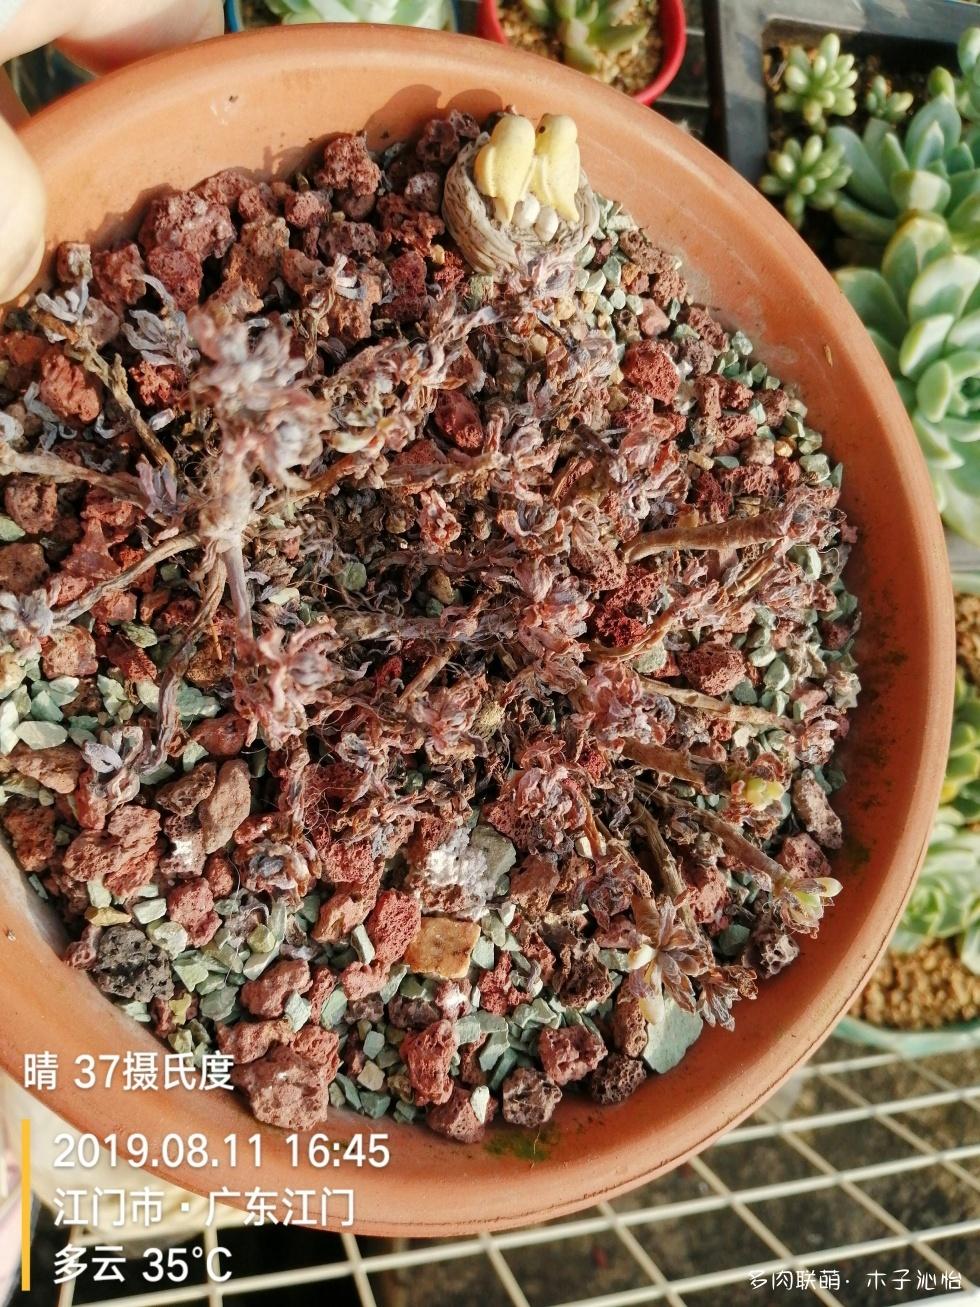 广东春天和夏天的多肉对比照